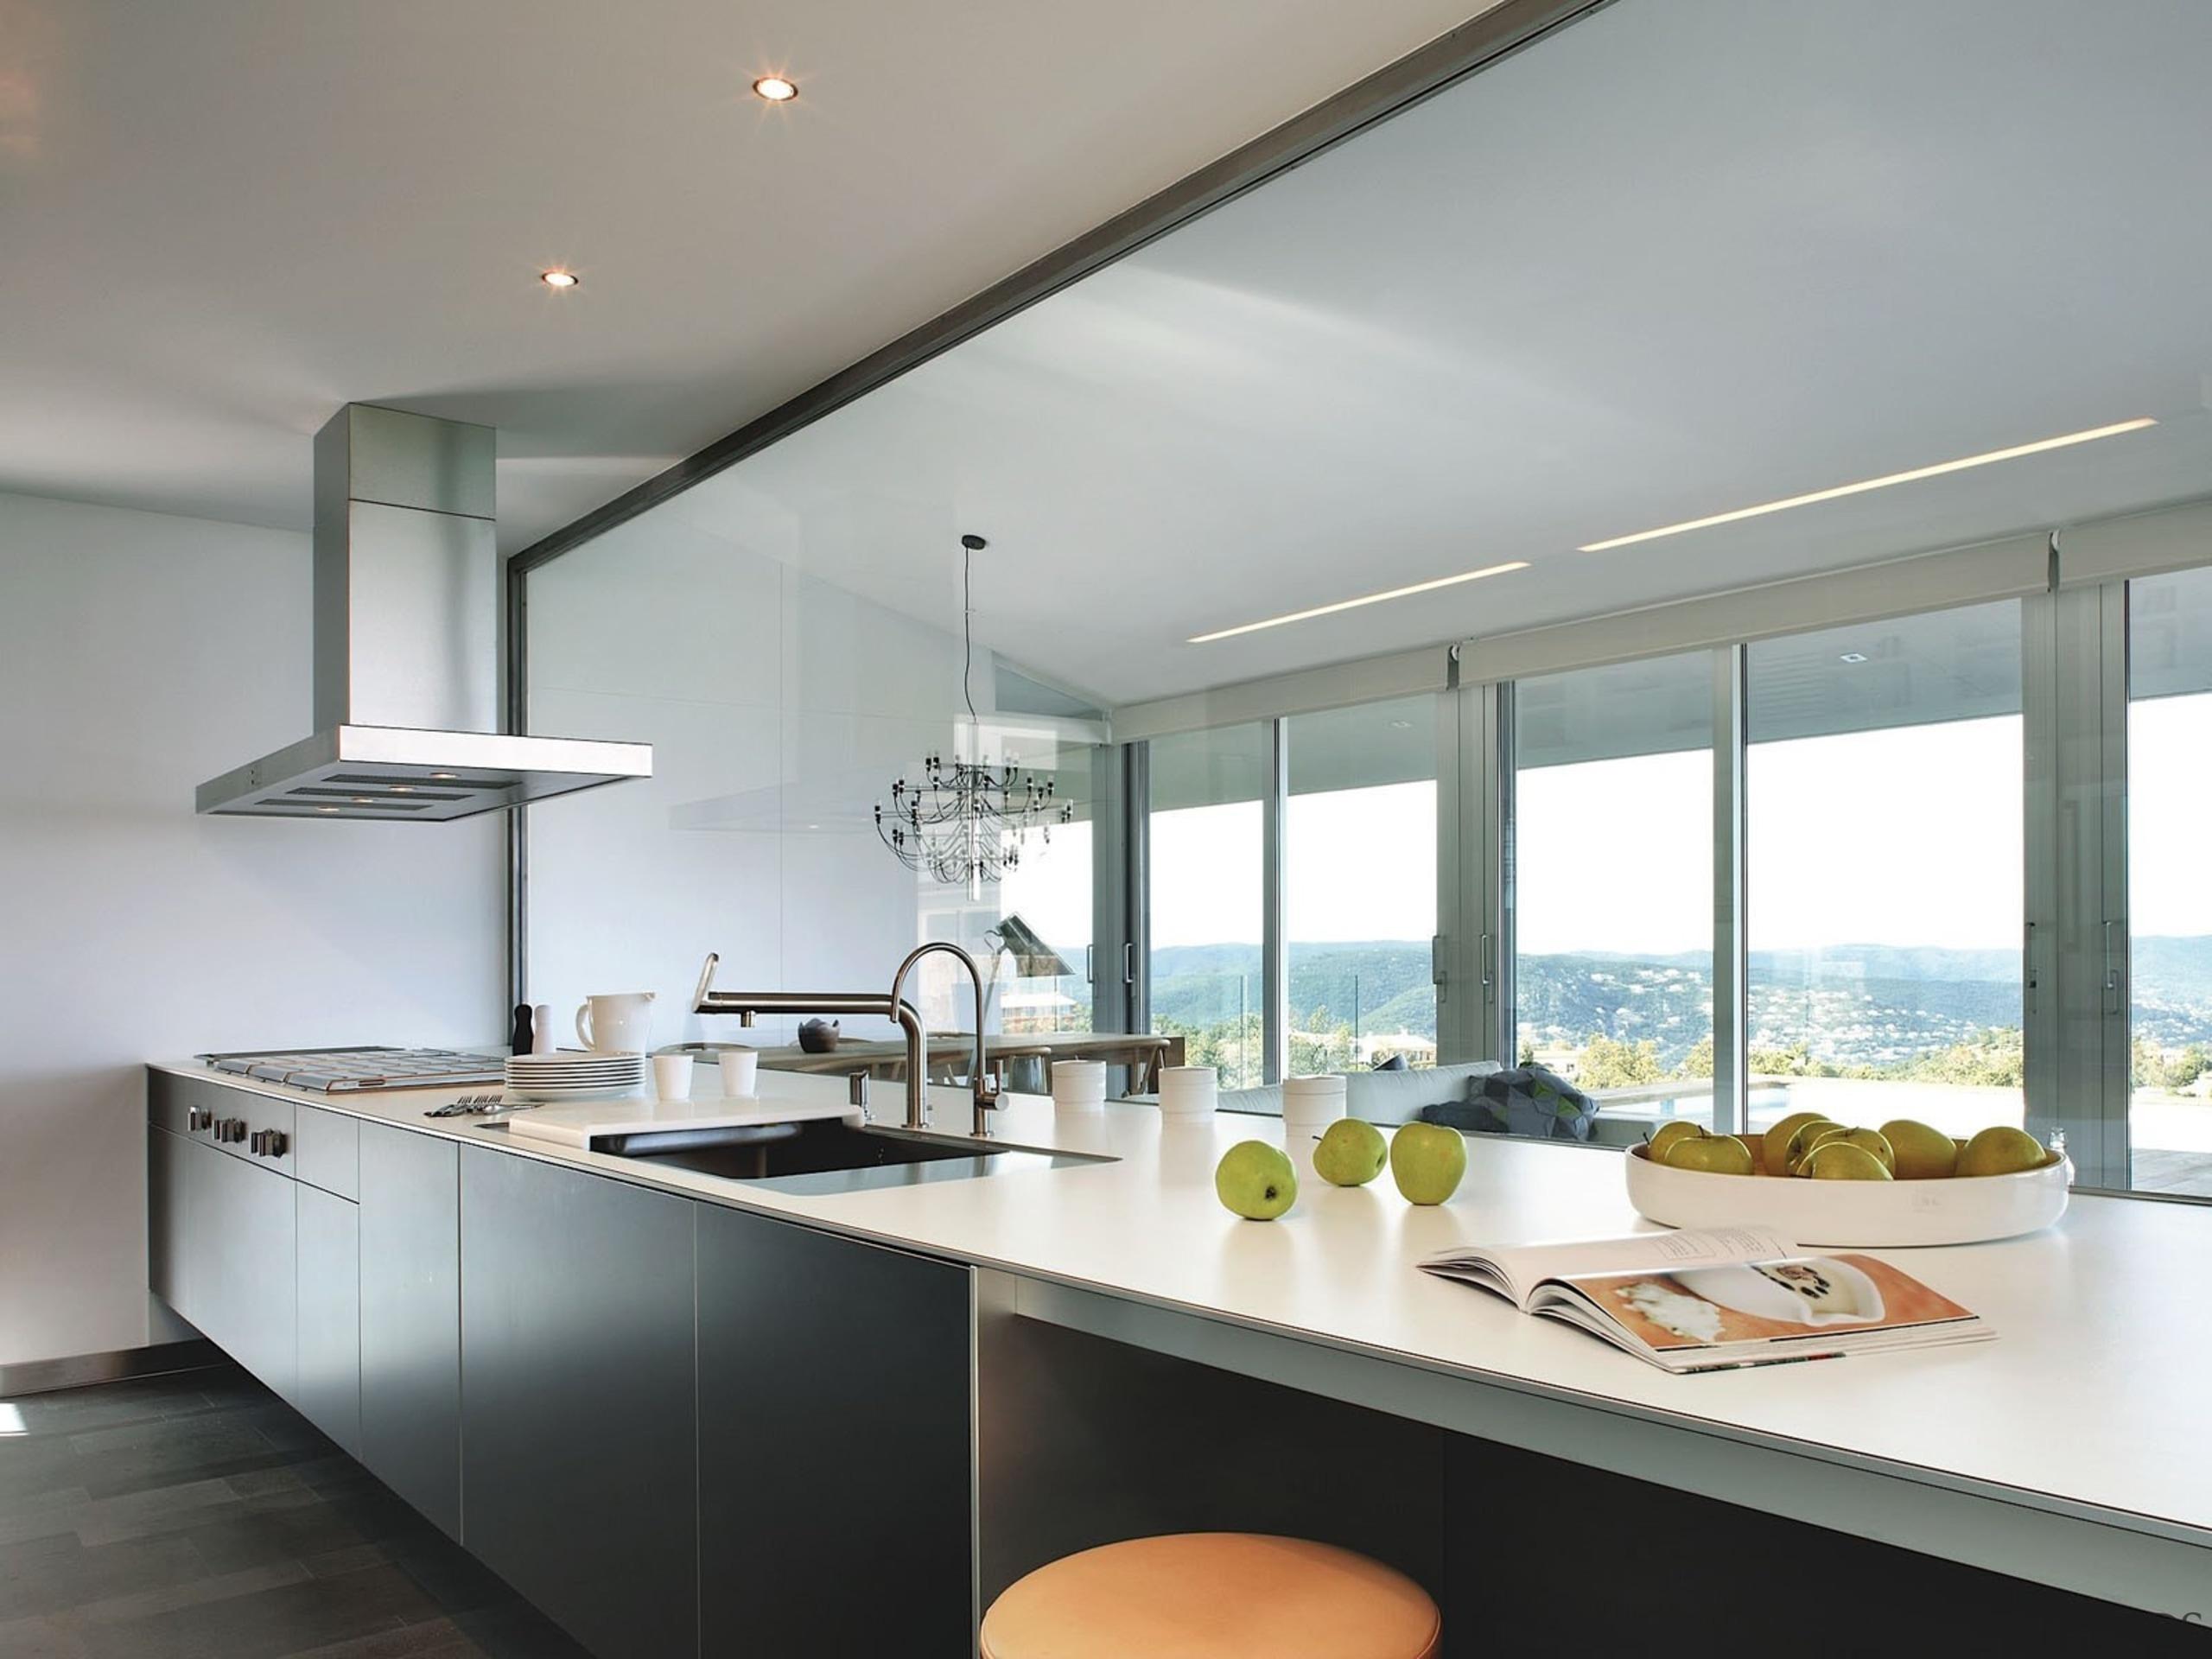 Silestone Quartz Kitchen Cocina Blanco Zeus Extreme architecture, countertop, cuisine classique, interior design, kitchen, real estate, window, gray